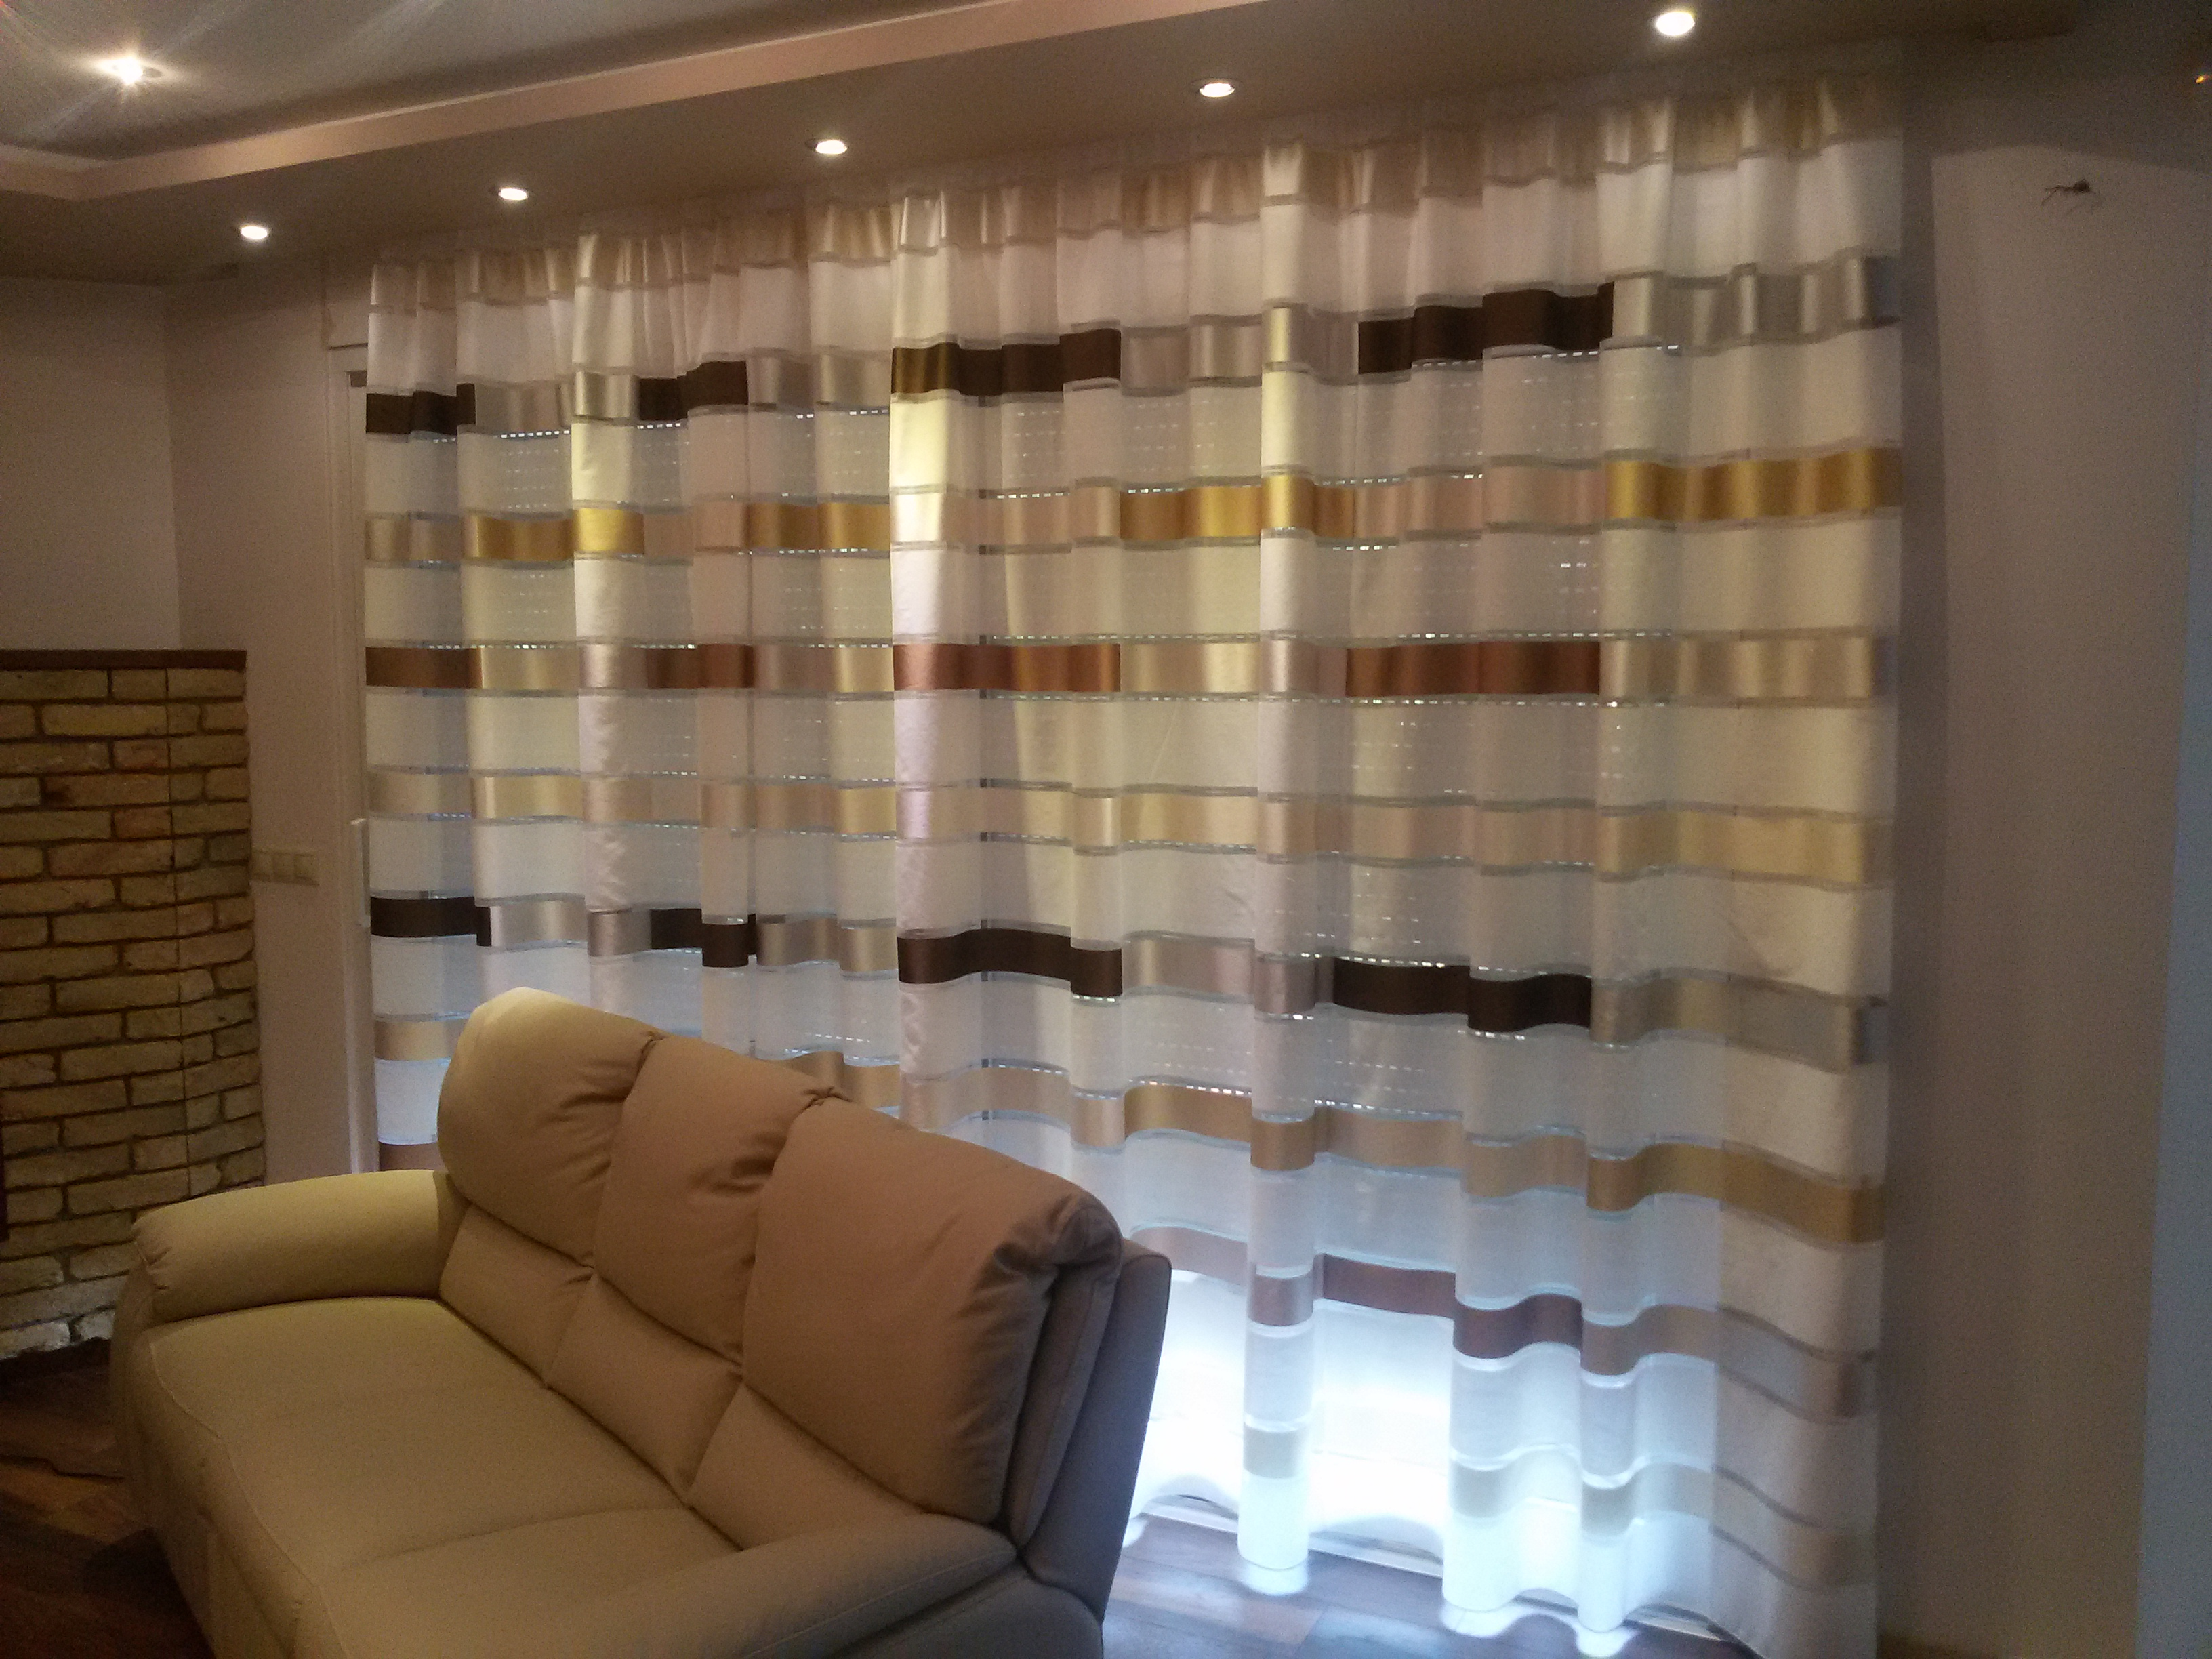 Csíkos fényáteresztő függöny, modern függöny